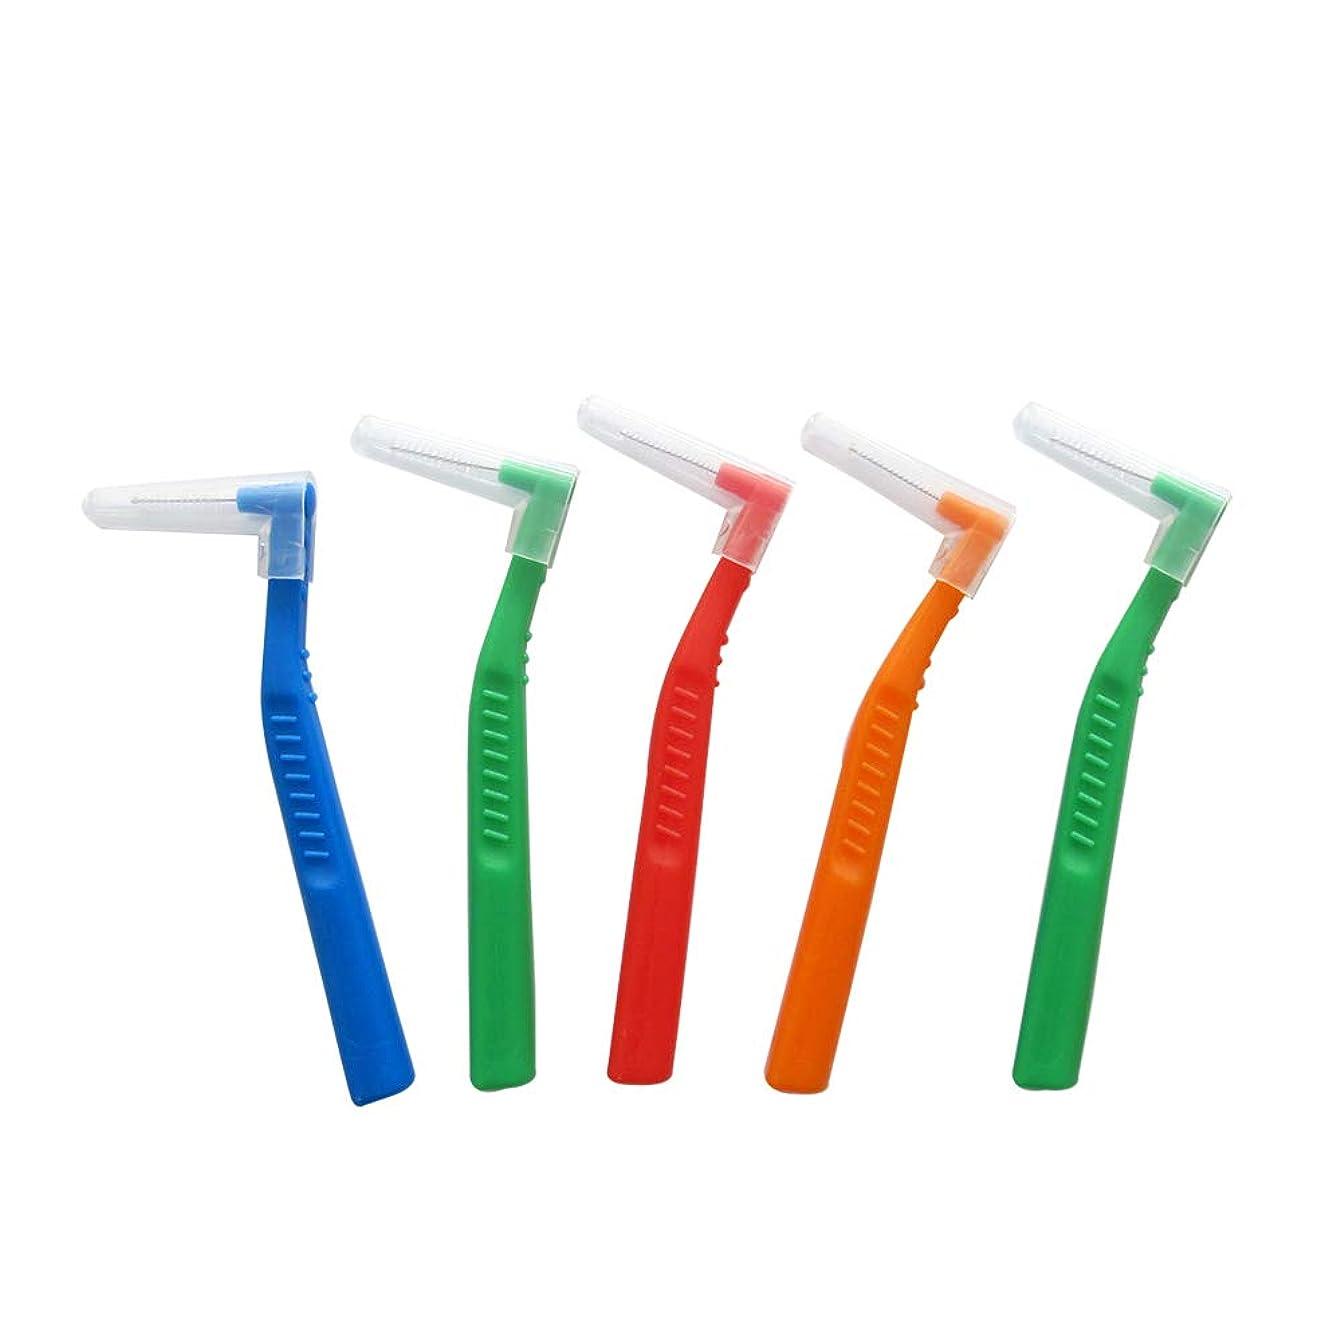 たまに世界記録のギネスブックミルSUPVOX 歯間ブラシ クリーナー l字型 歯間清掃 歯科 口腔ケアツール 5本入(ランダムカラー)